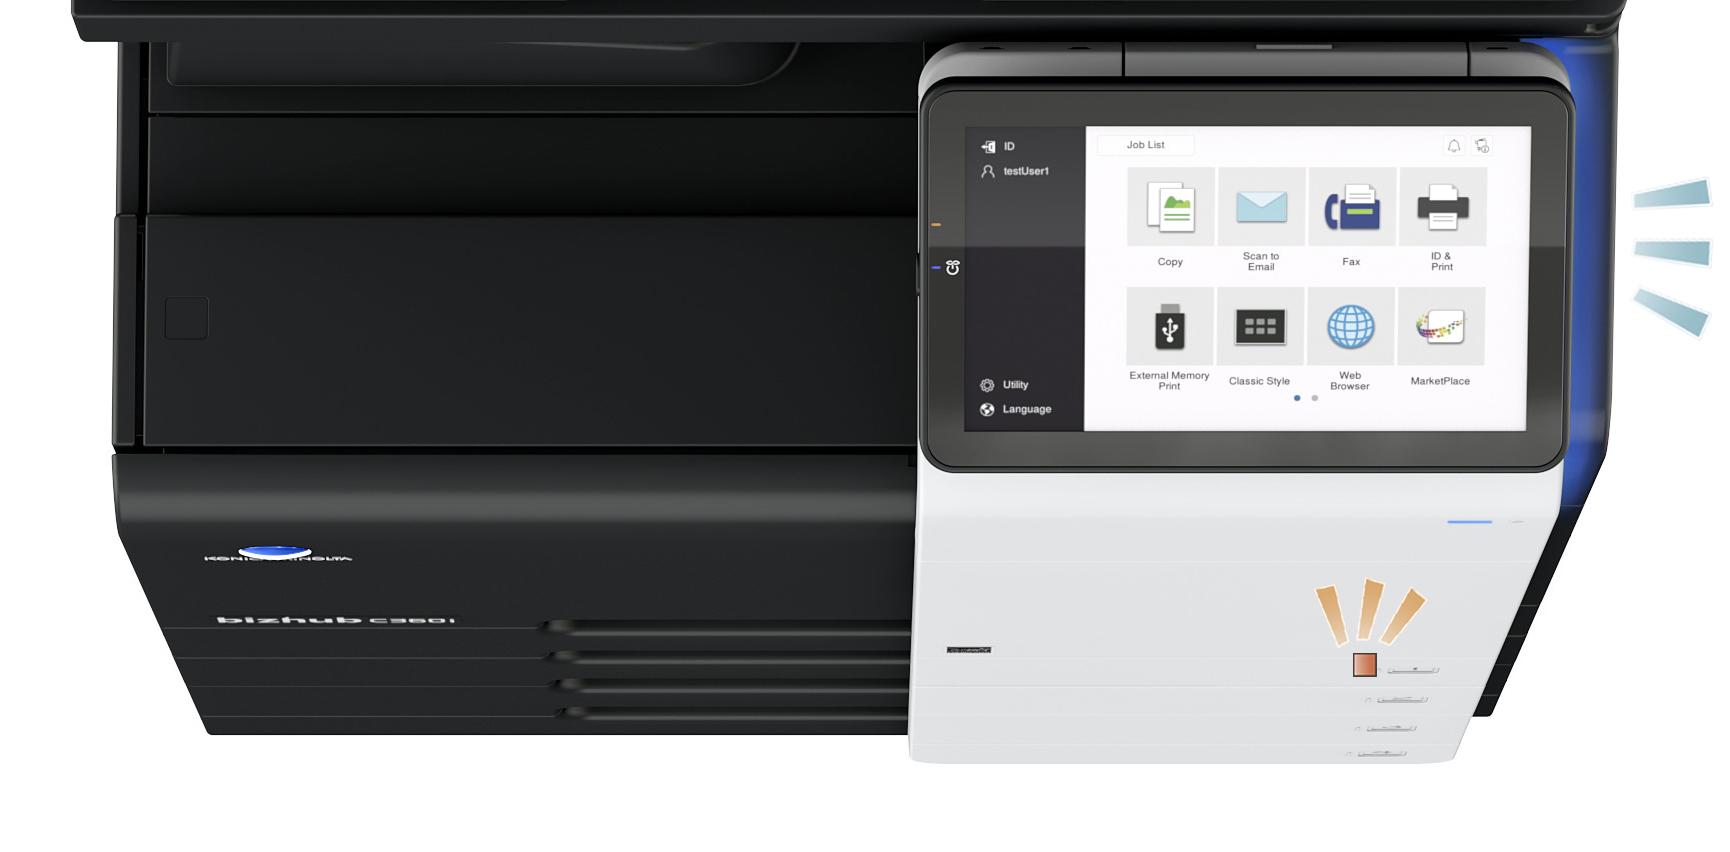 2-柯尼卡美能达全新bizhub C360i系列10.1英寸超大操作面板和LED灯光提示功能.jpg